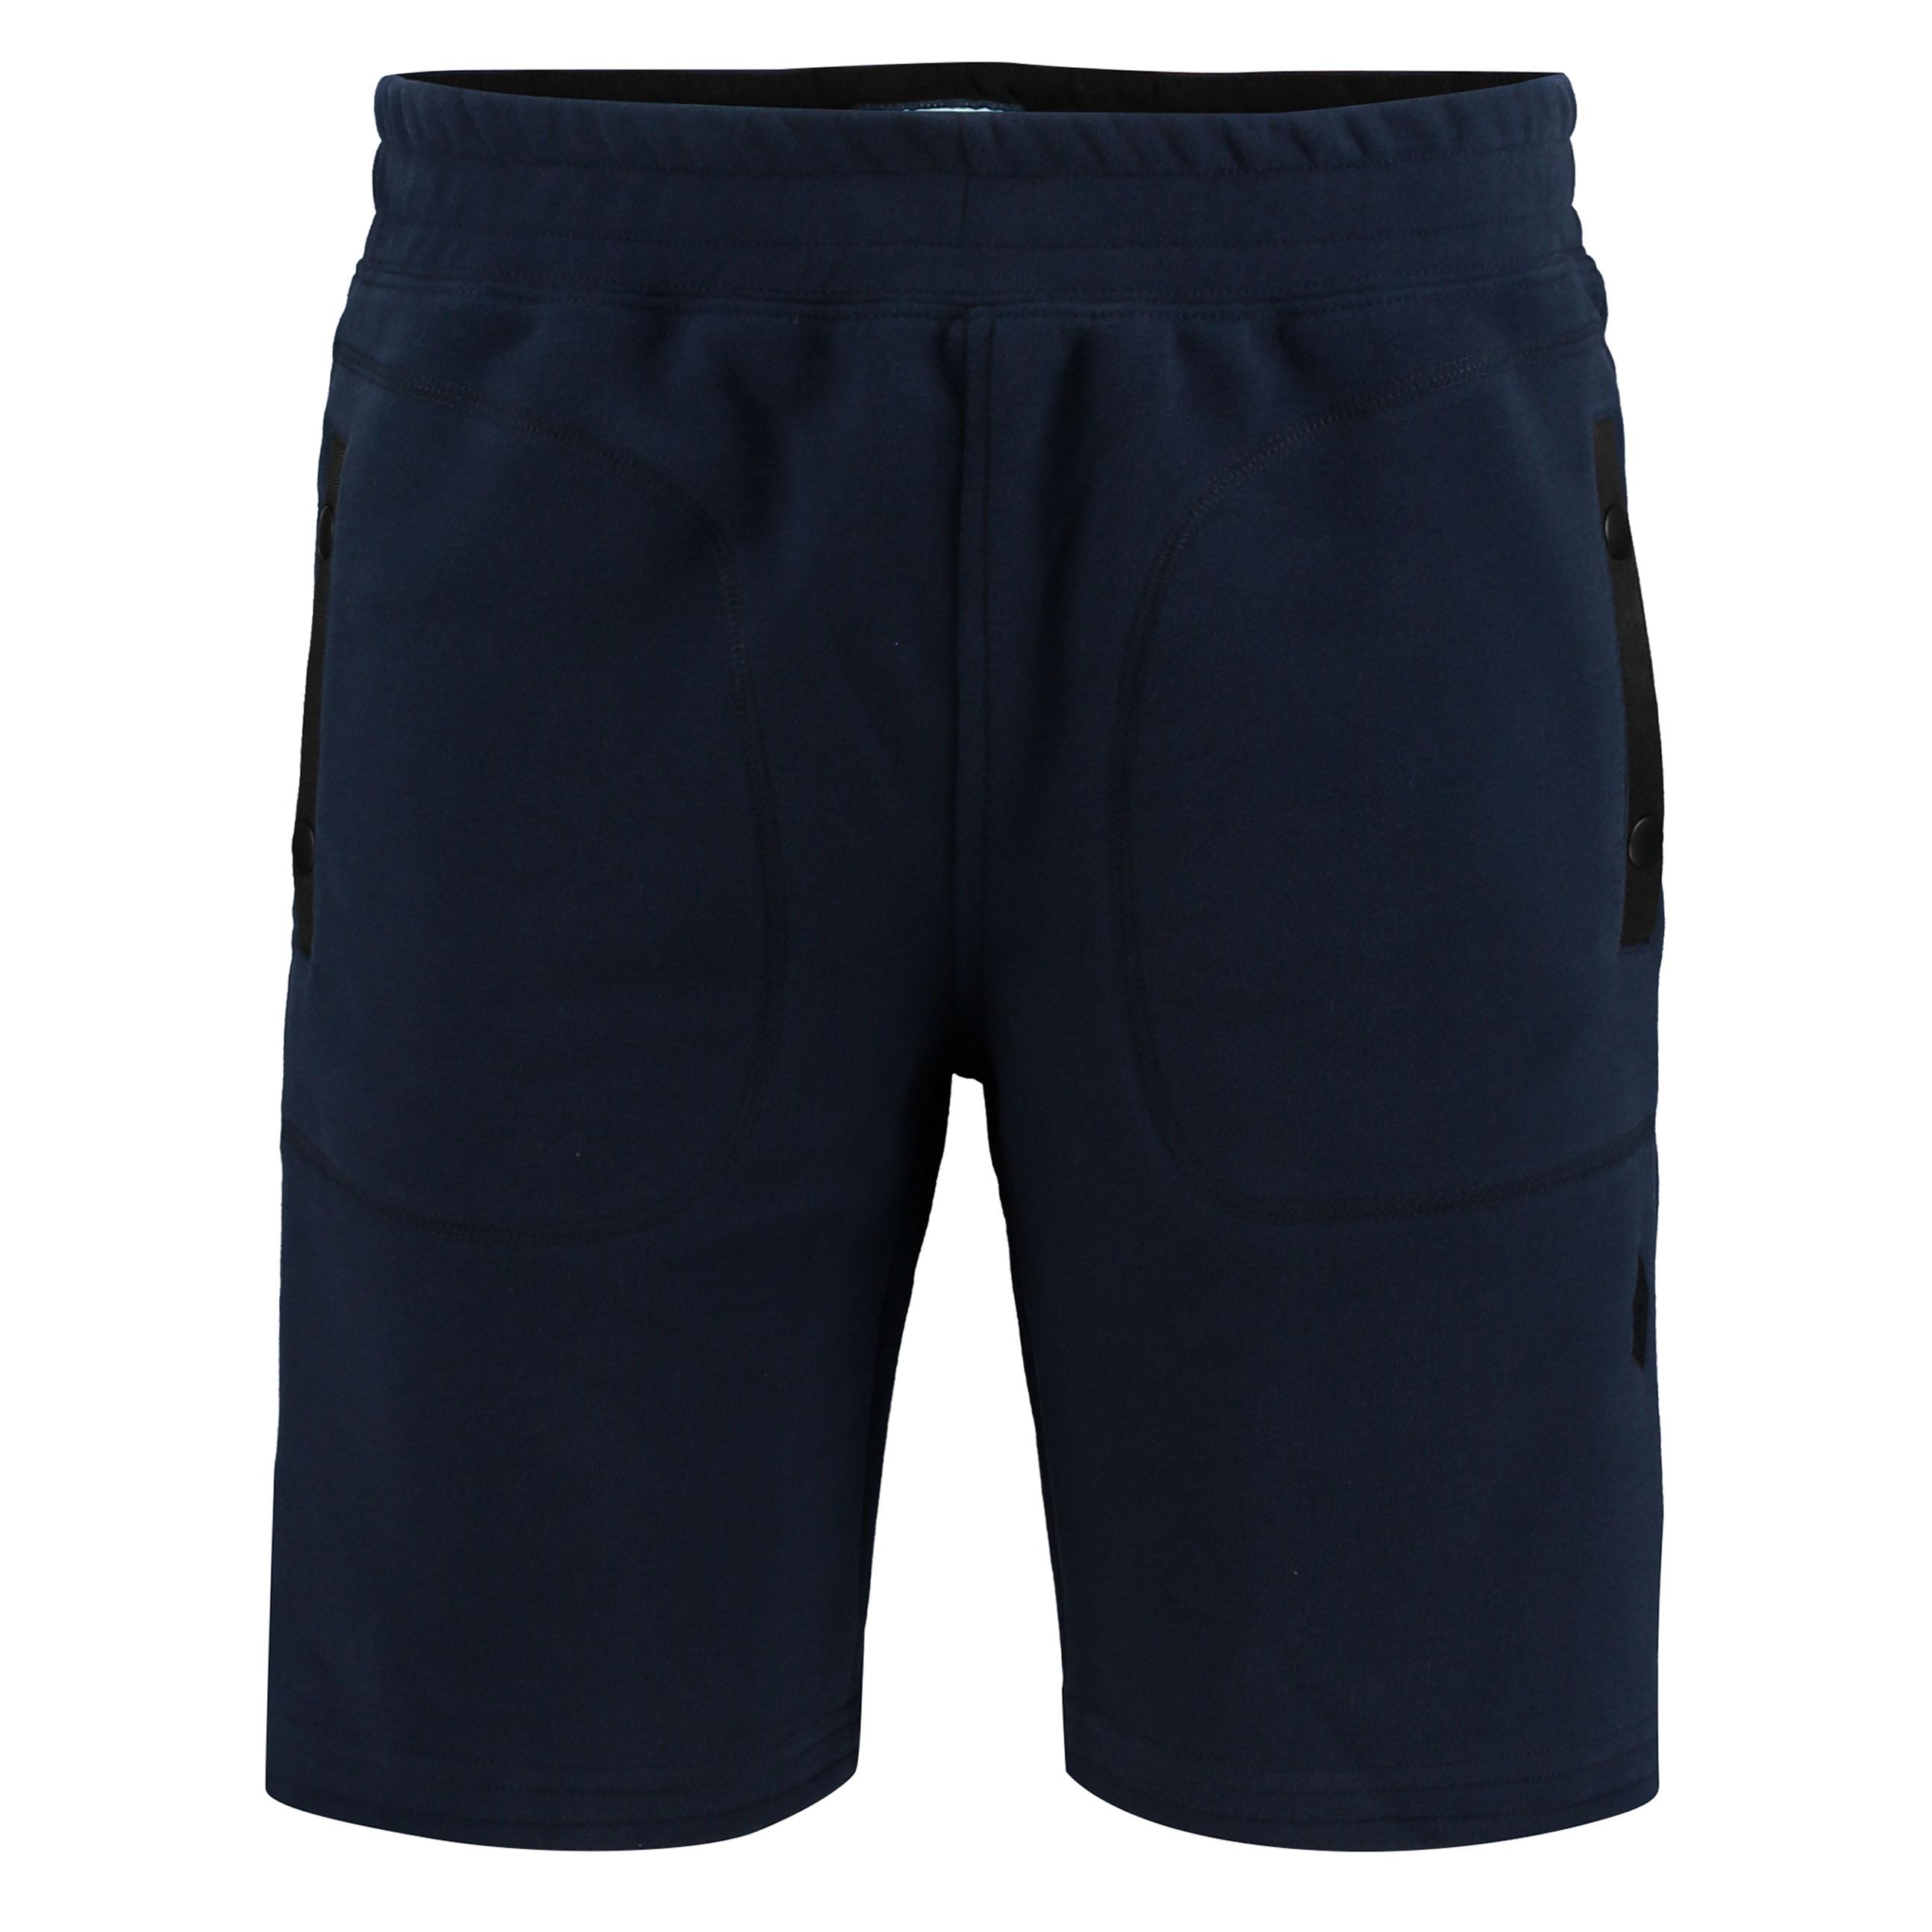 Everton Terrace Jog Shorts - Navy